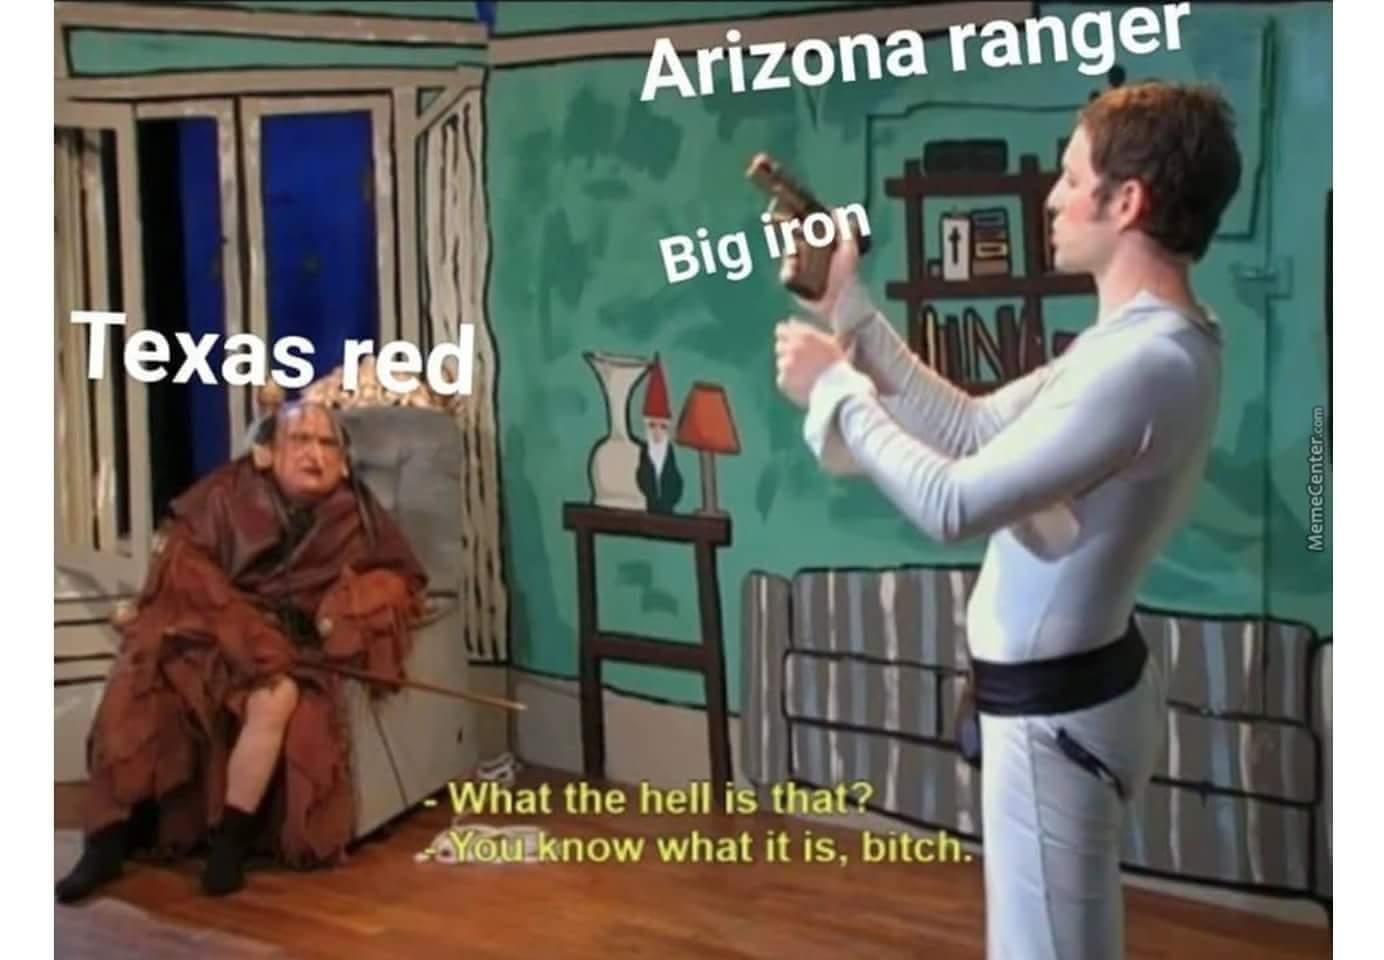 Big iiirrron - meme